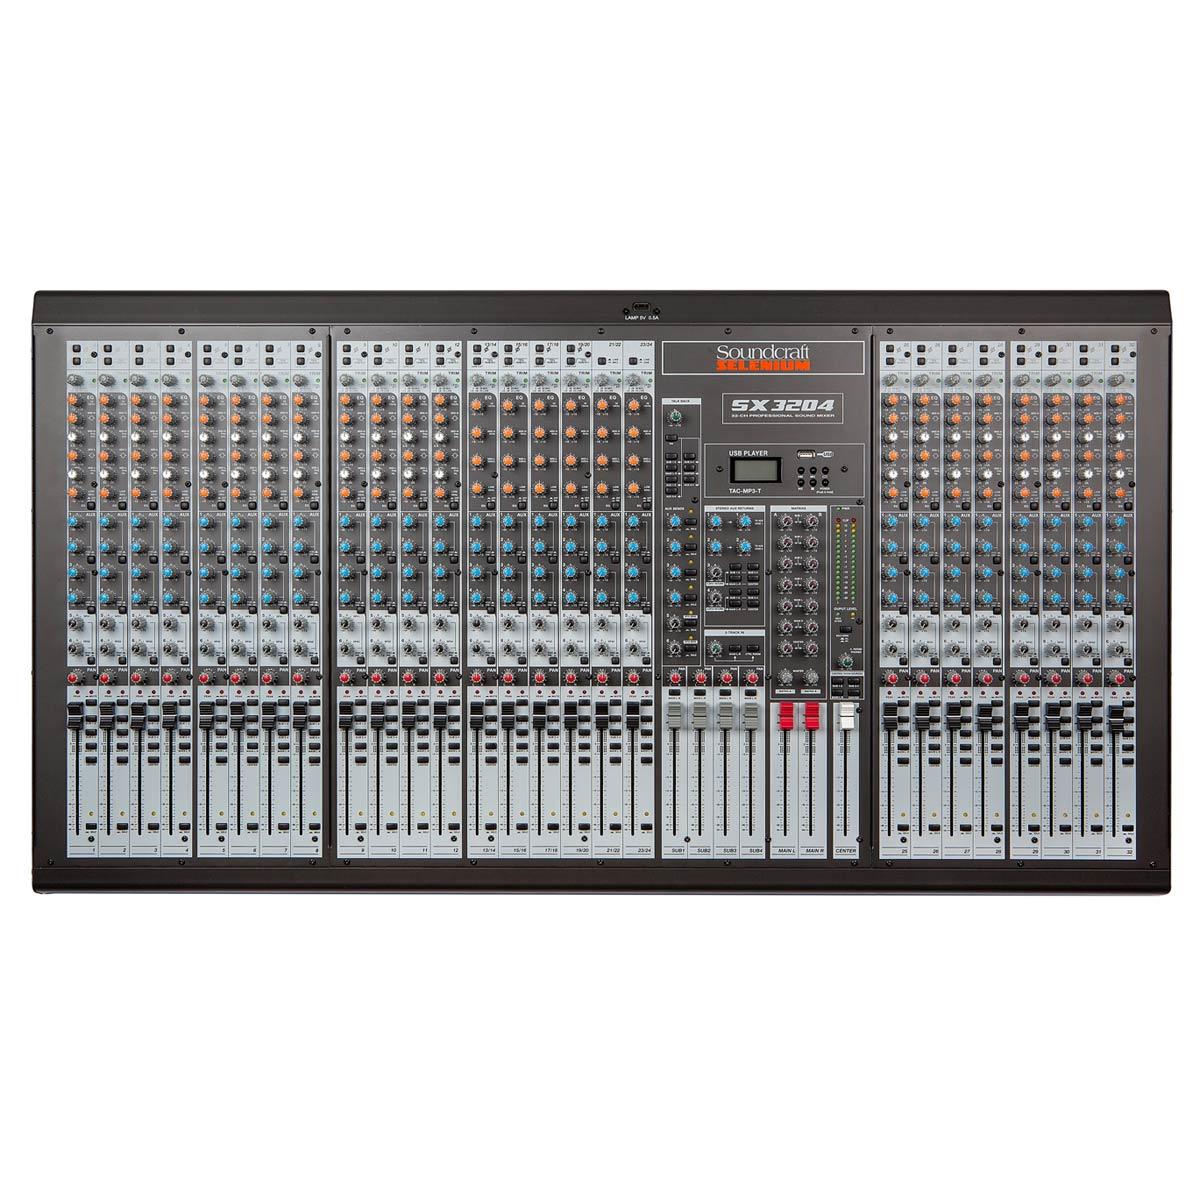 Mesa de Som 32 Canais Balanceados (26 XLR + 6 P10) c/ USB Play / Phantom / 6 Auxiliares SX 3204 - Soundcraft